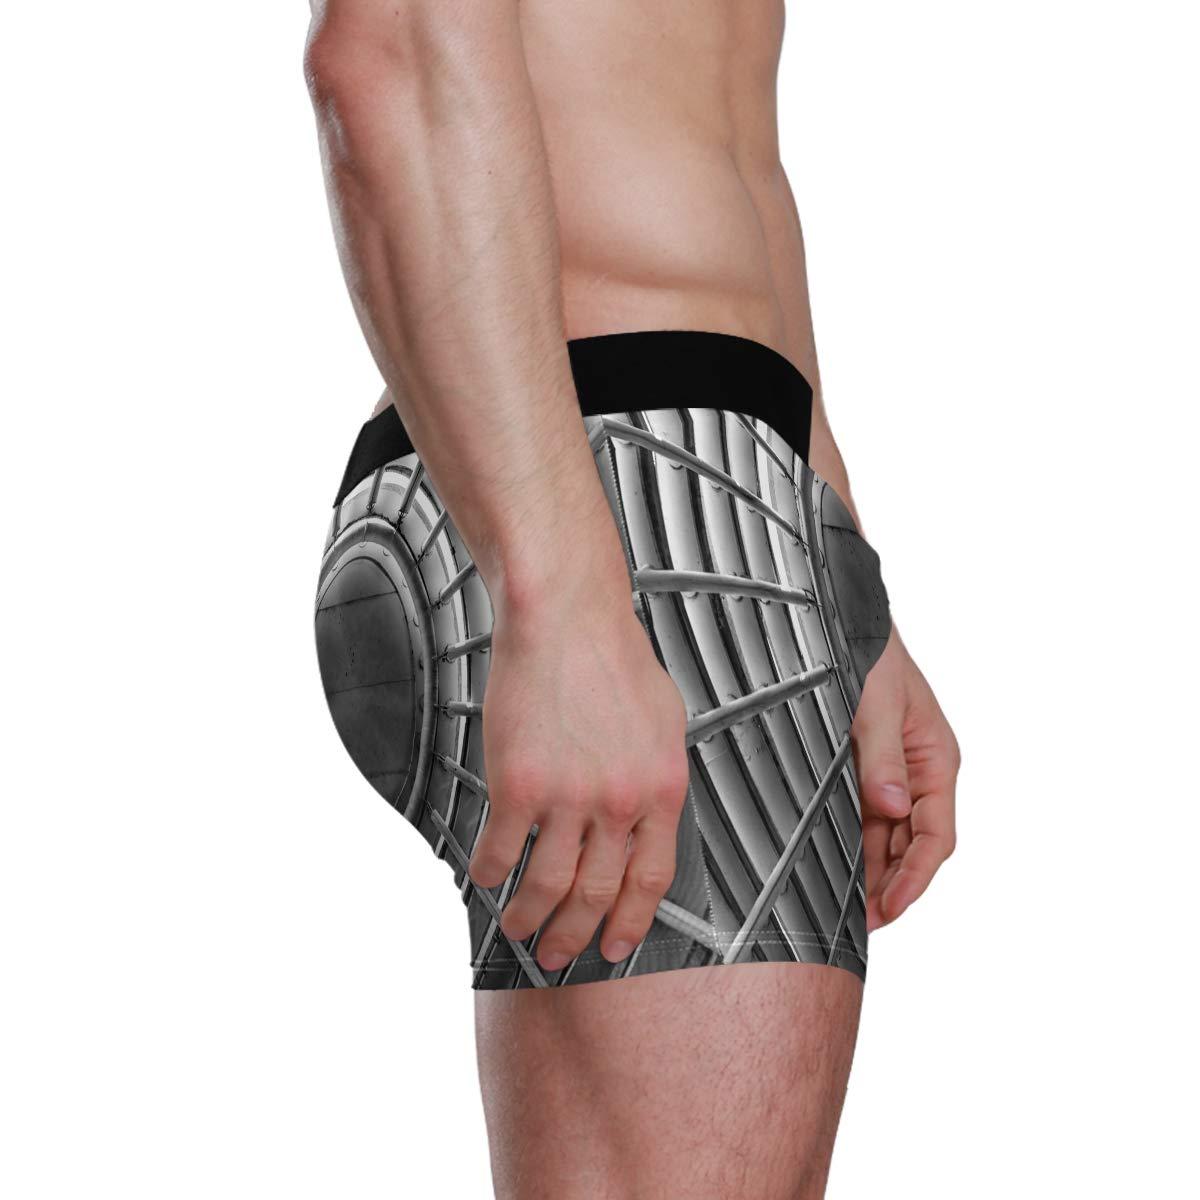 UNISE BuildingHanes Boxer Briefs Comfortable Briefs Soft Boyshorts Underwear for Men Pack